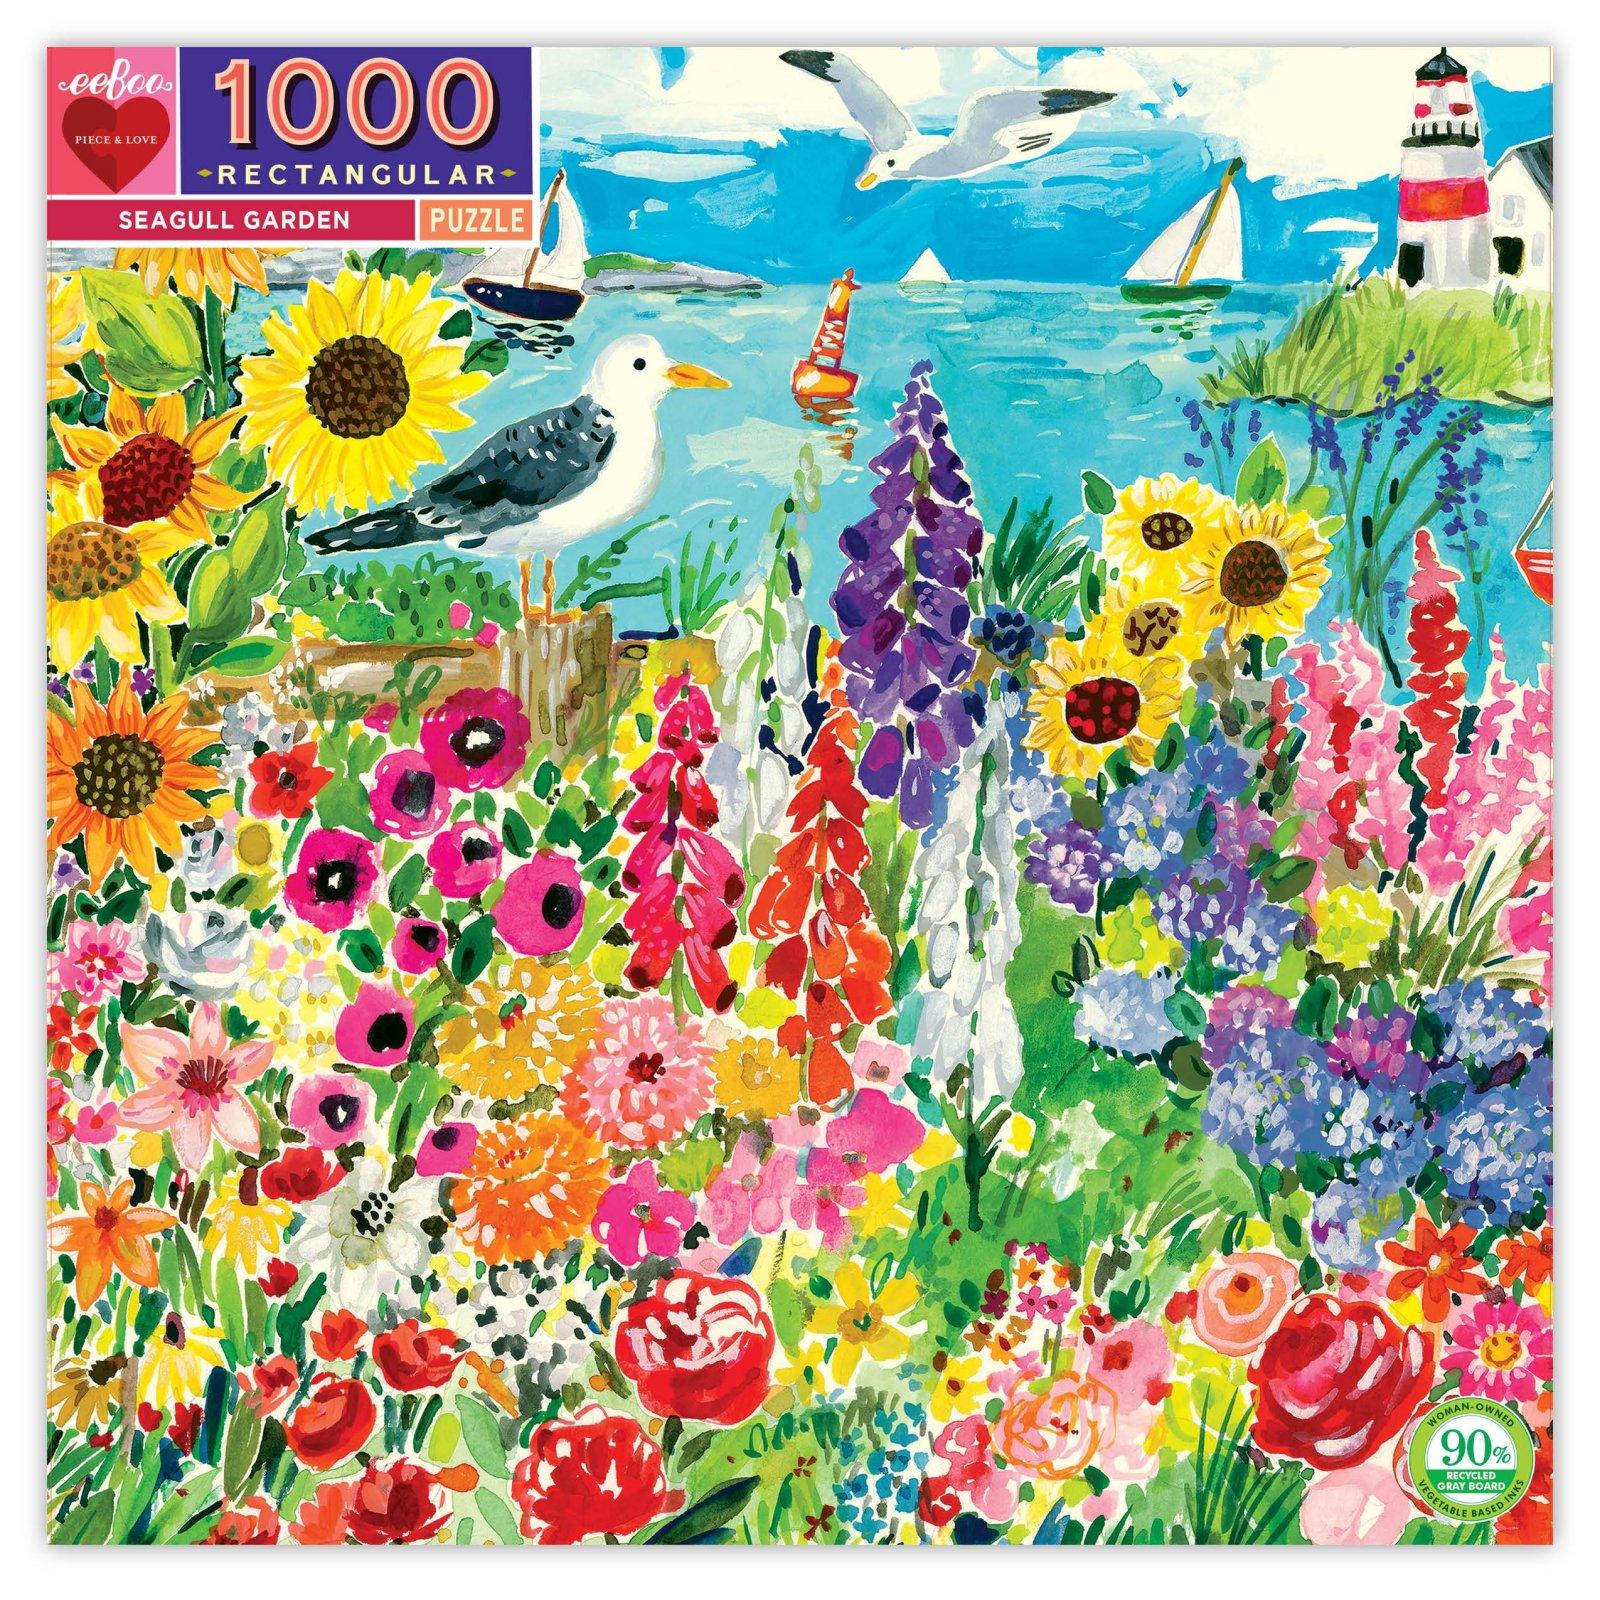 Seagull Garden 1000 Piece Puzzle by Eeboo